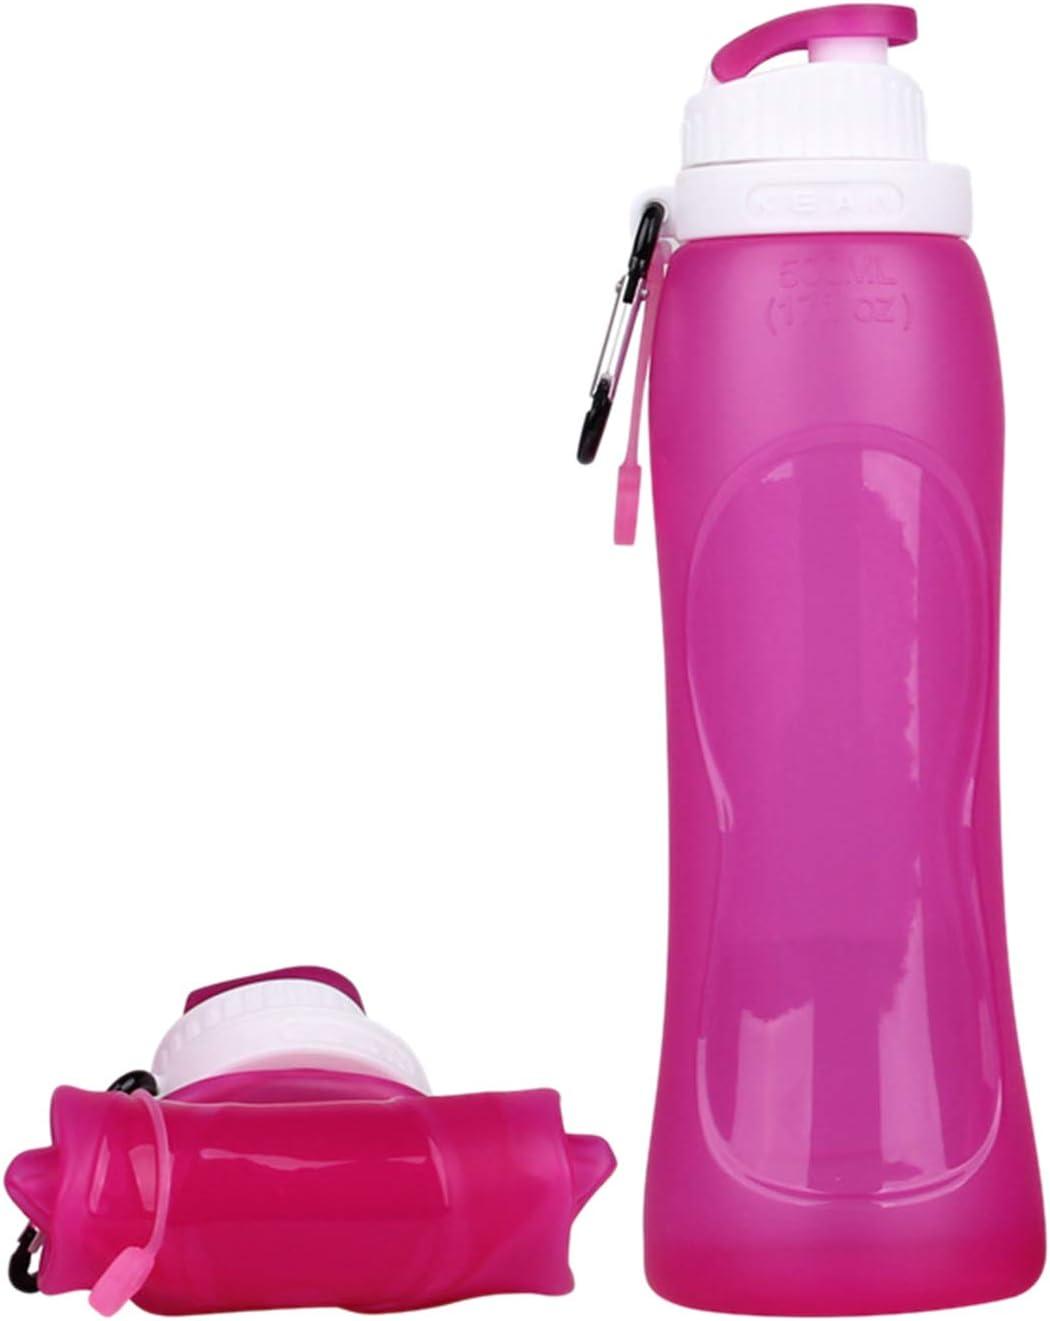 La Botella de Agua Plegable de Silicona de 17oz (500ML) con una manija para los Deportes y el Tratamiento Medicinal al Aire Libre